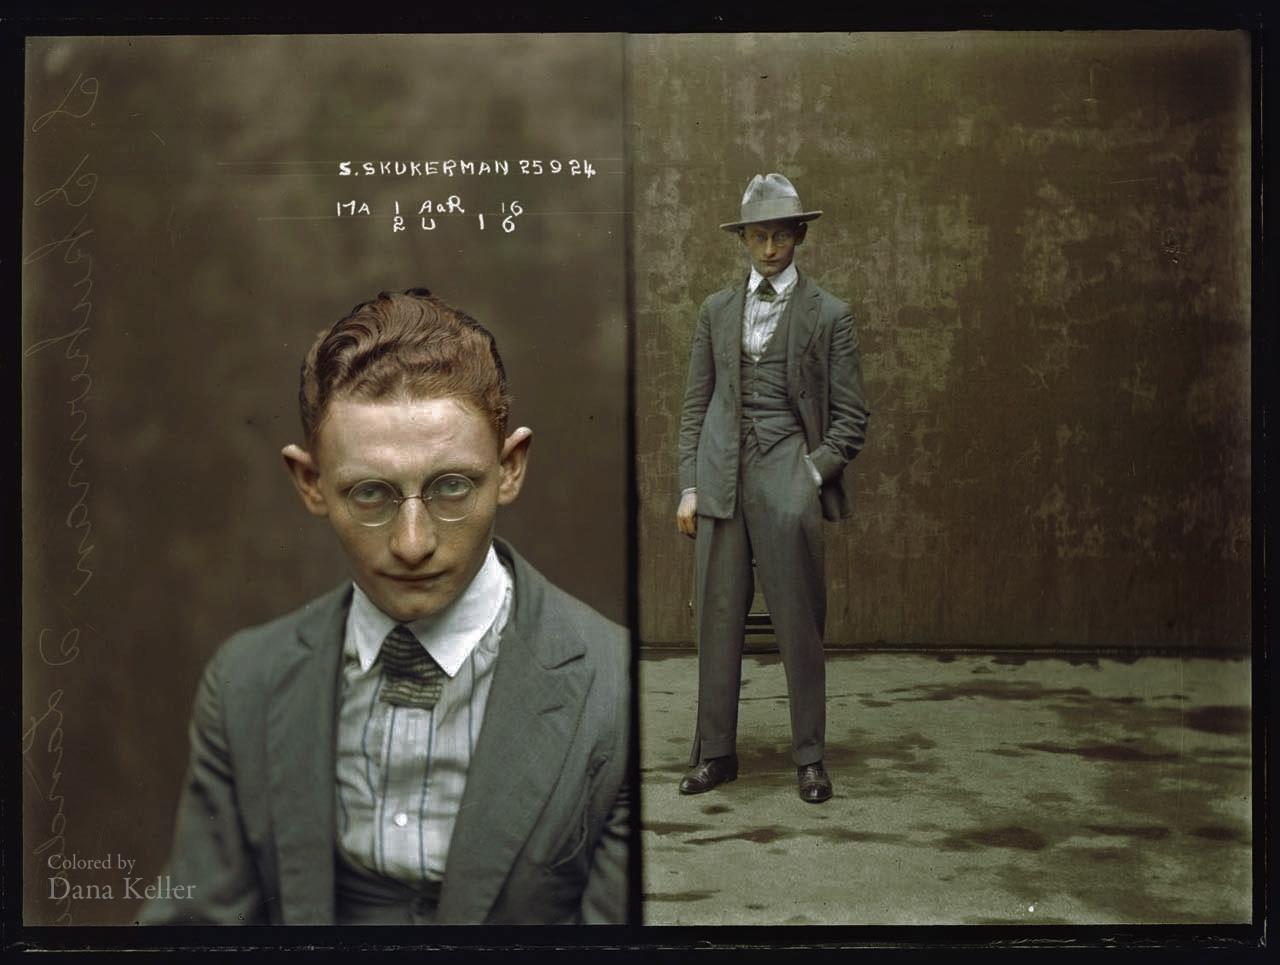 Sydney Skukerman - September 1924